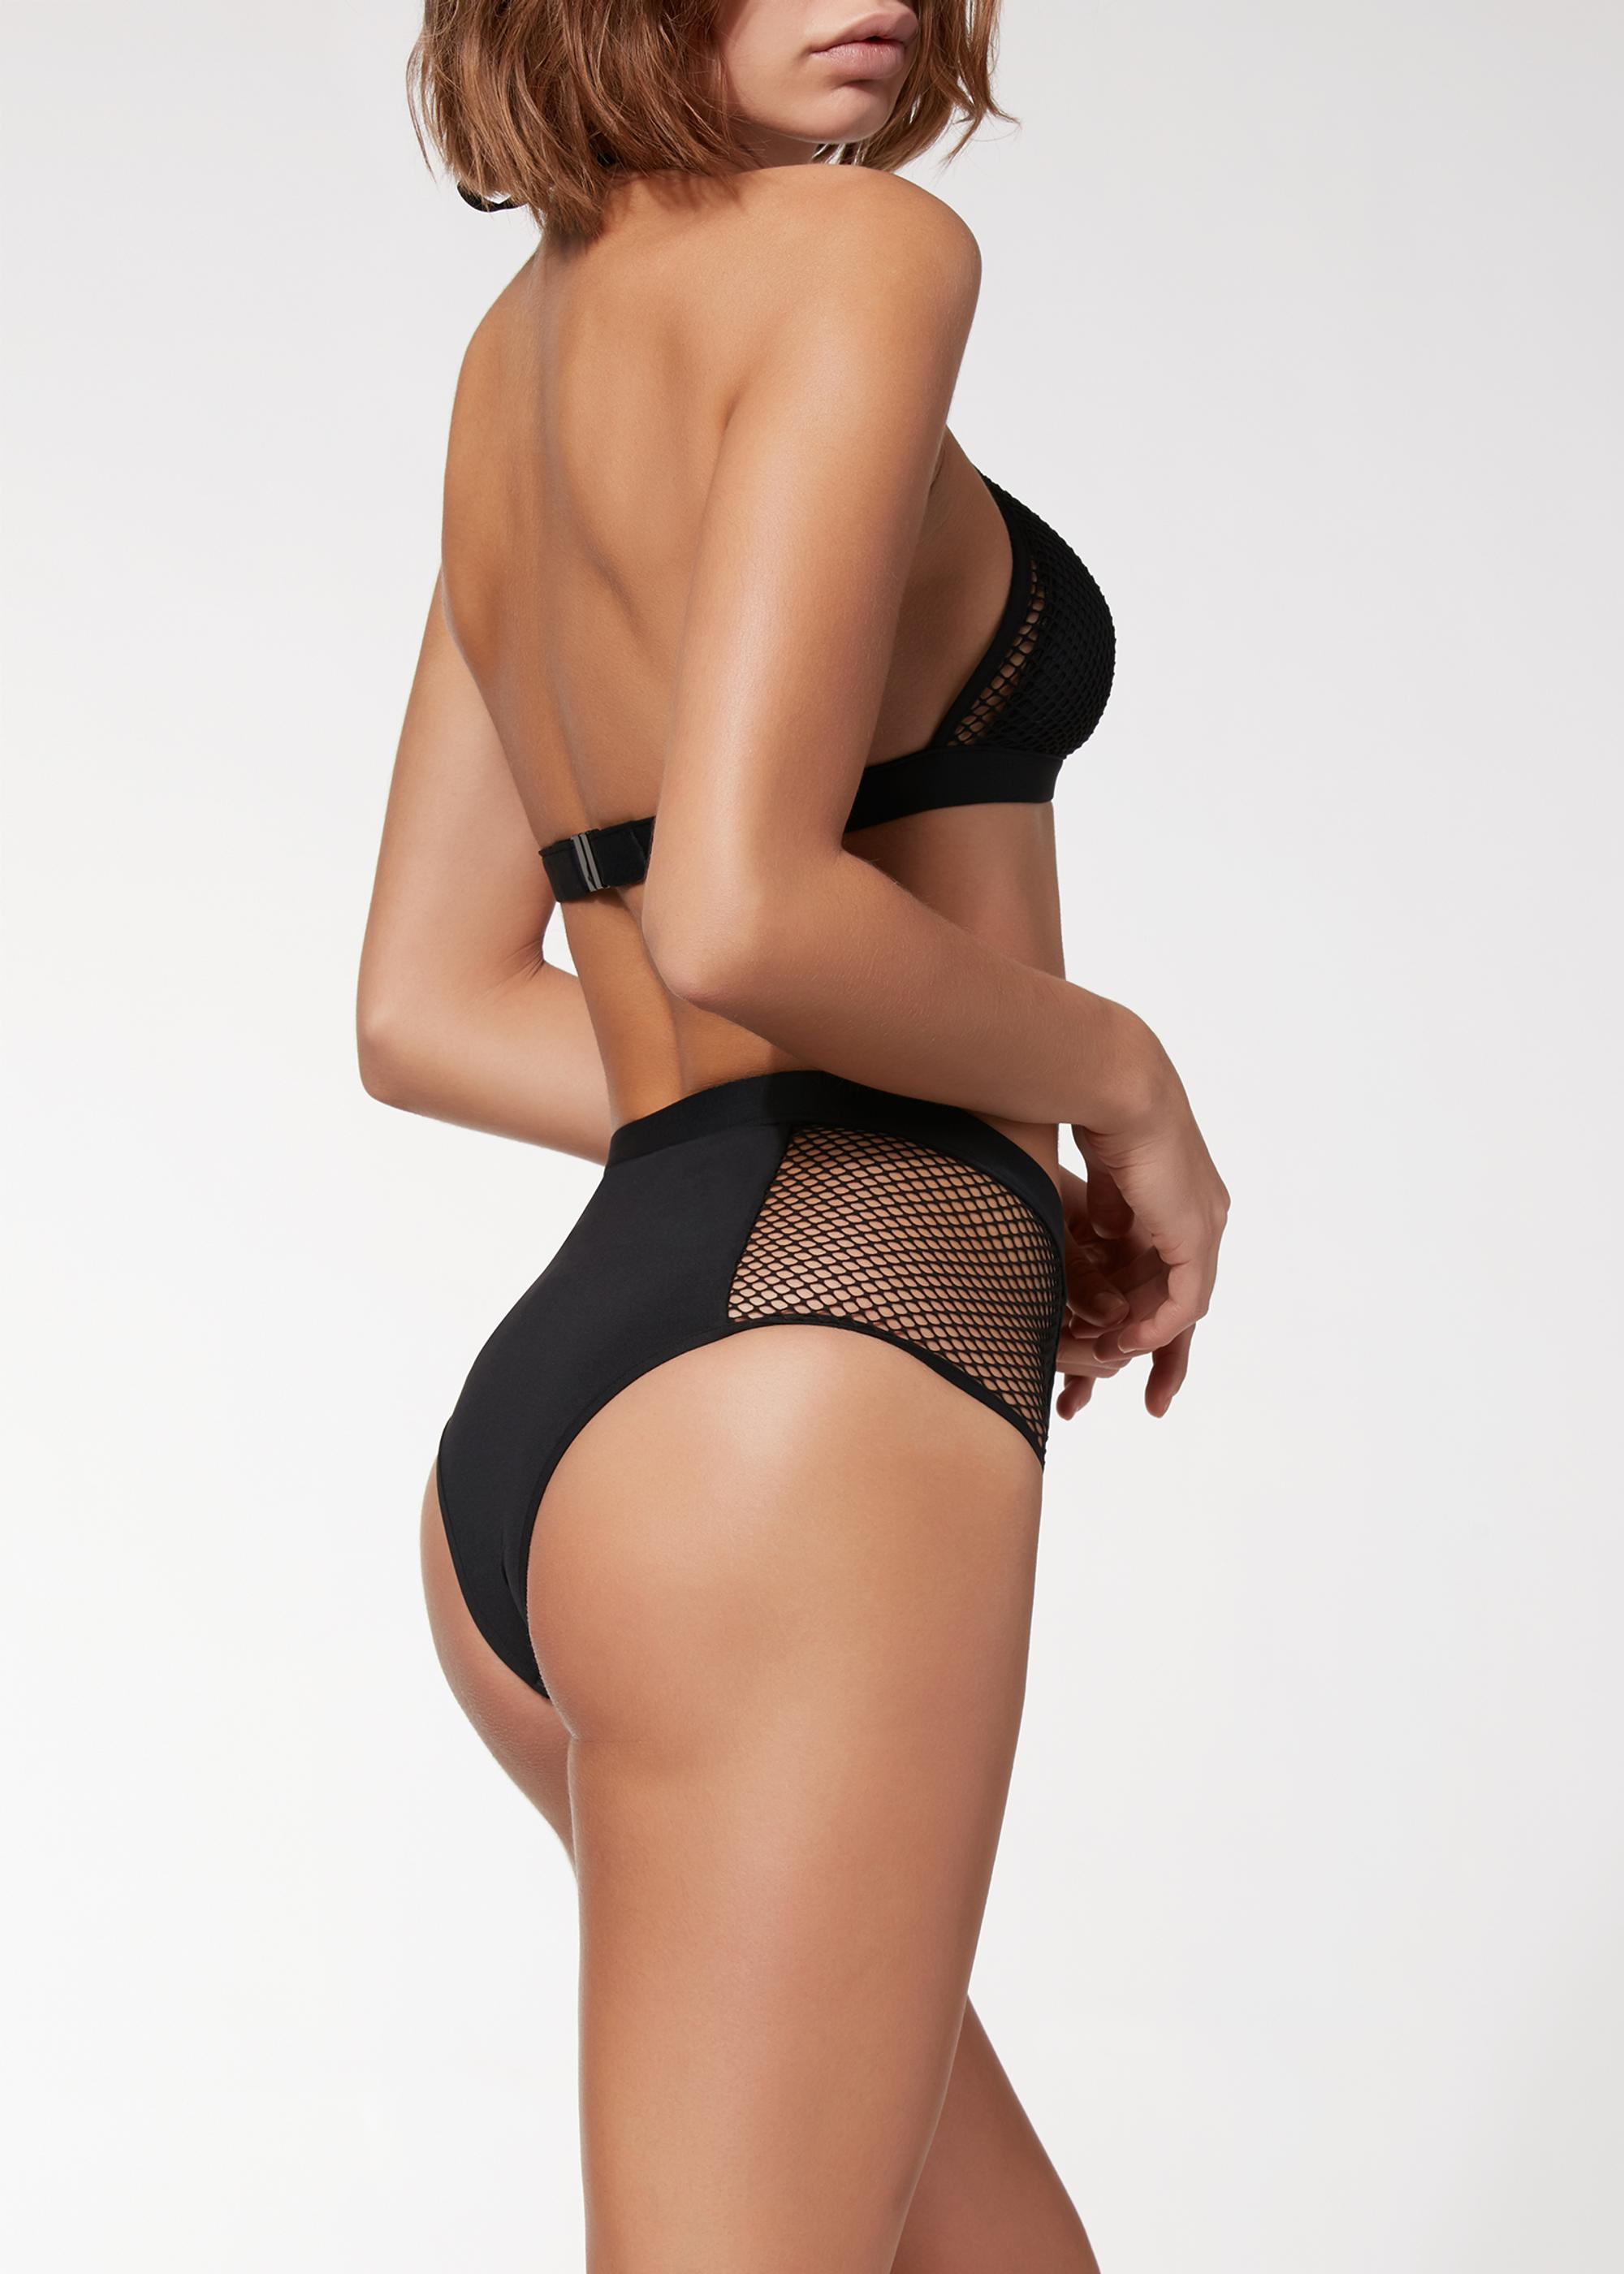 più economico 146f4 b7d51 Slip Bikini Vita Alta Tamara Rete - Calzedonia